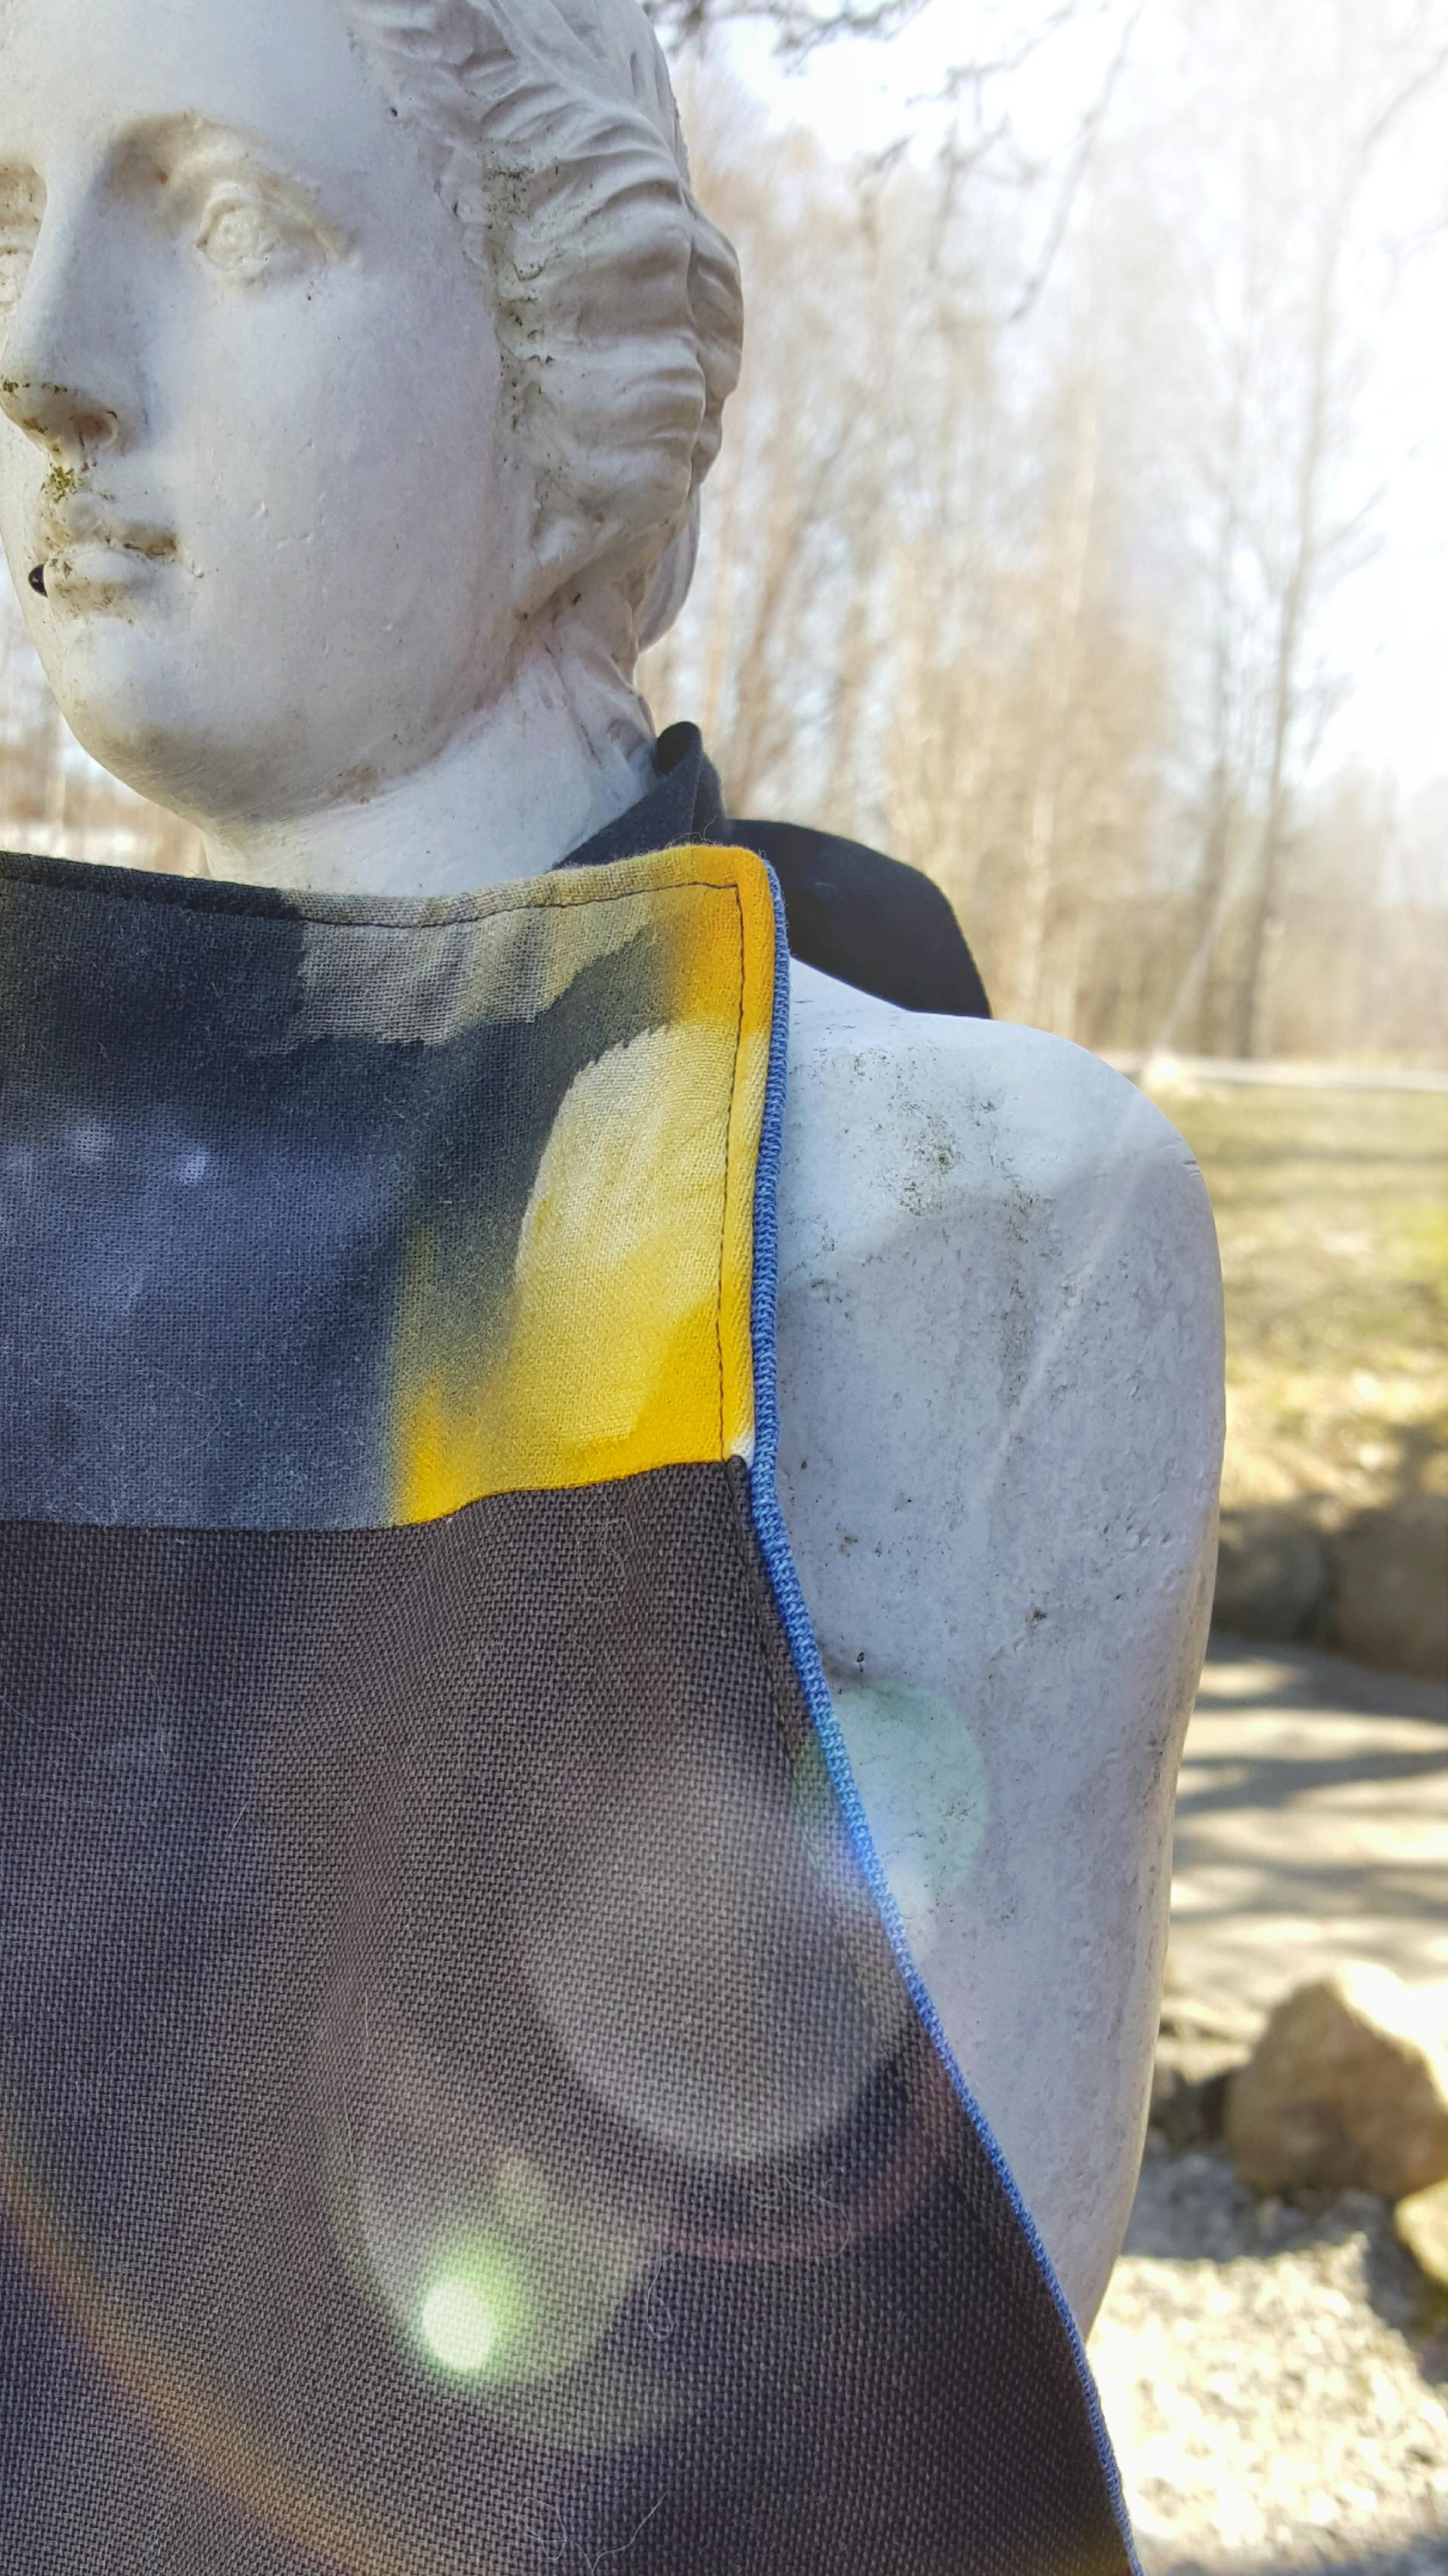 Detalj av förkläde med soltryck